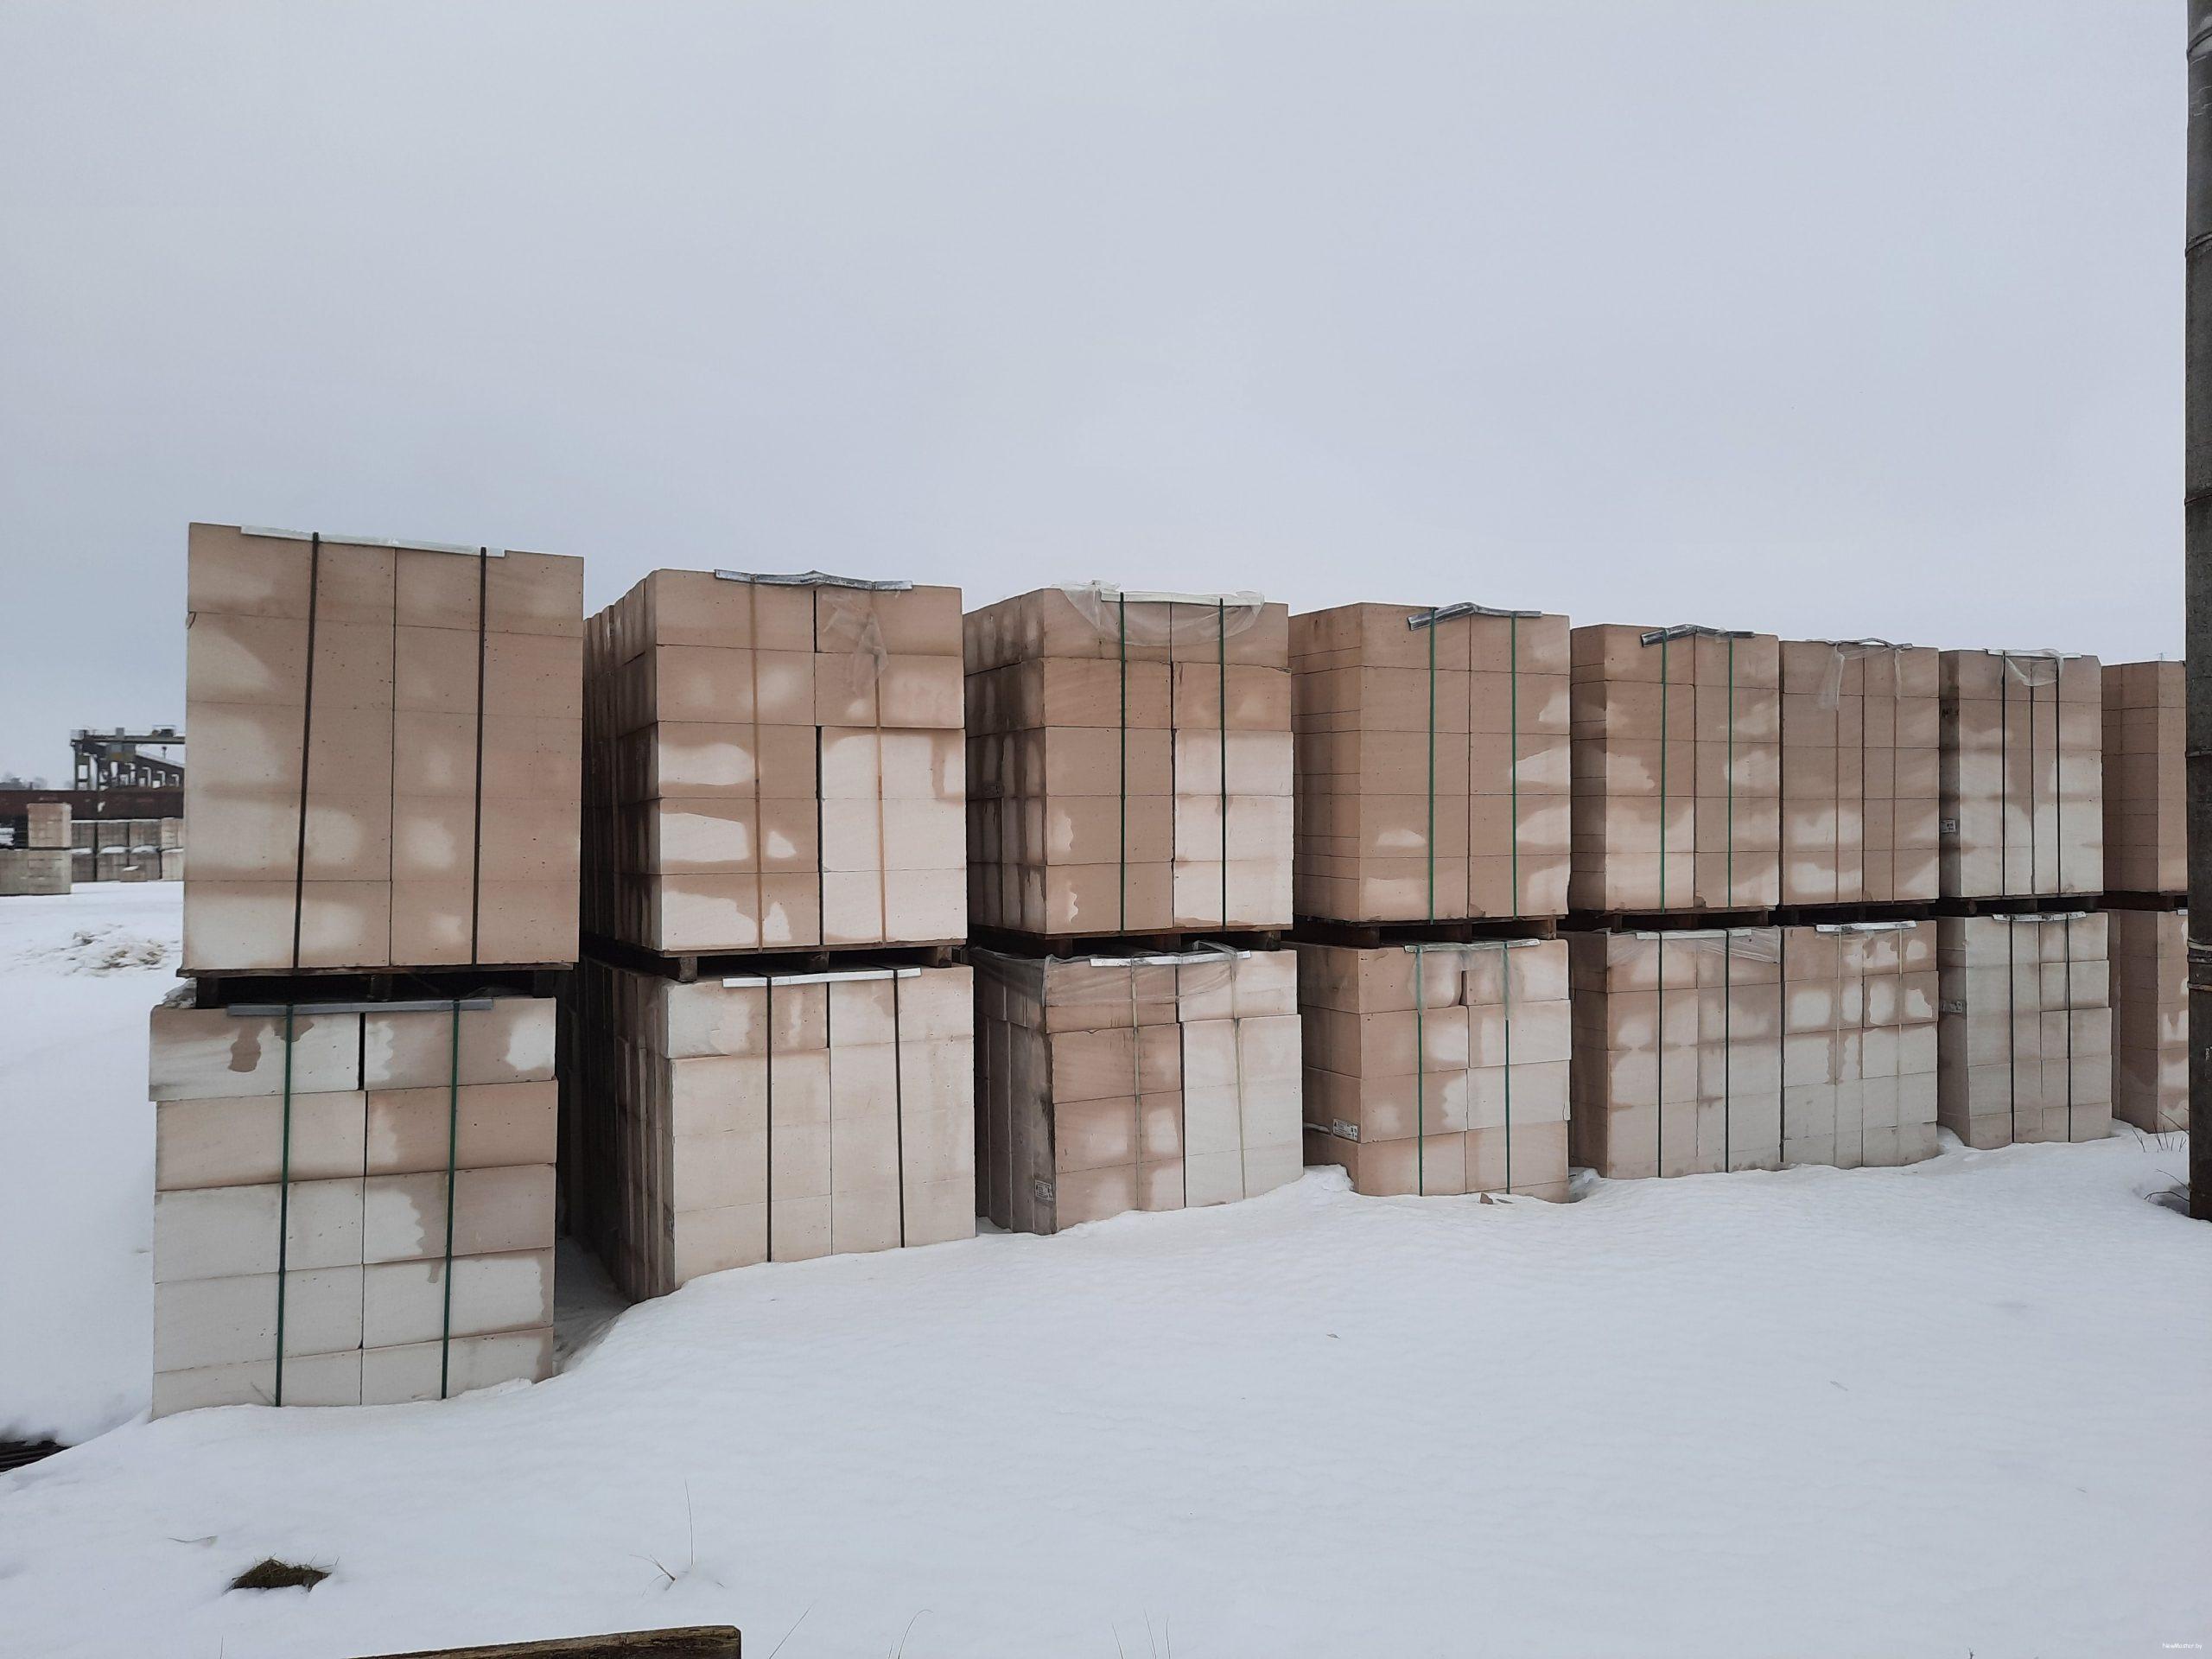 блоки 2018гг уценка 300 мм толщина